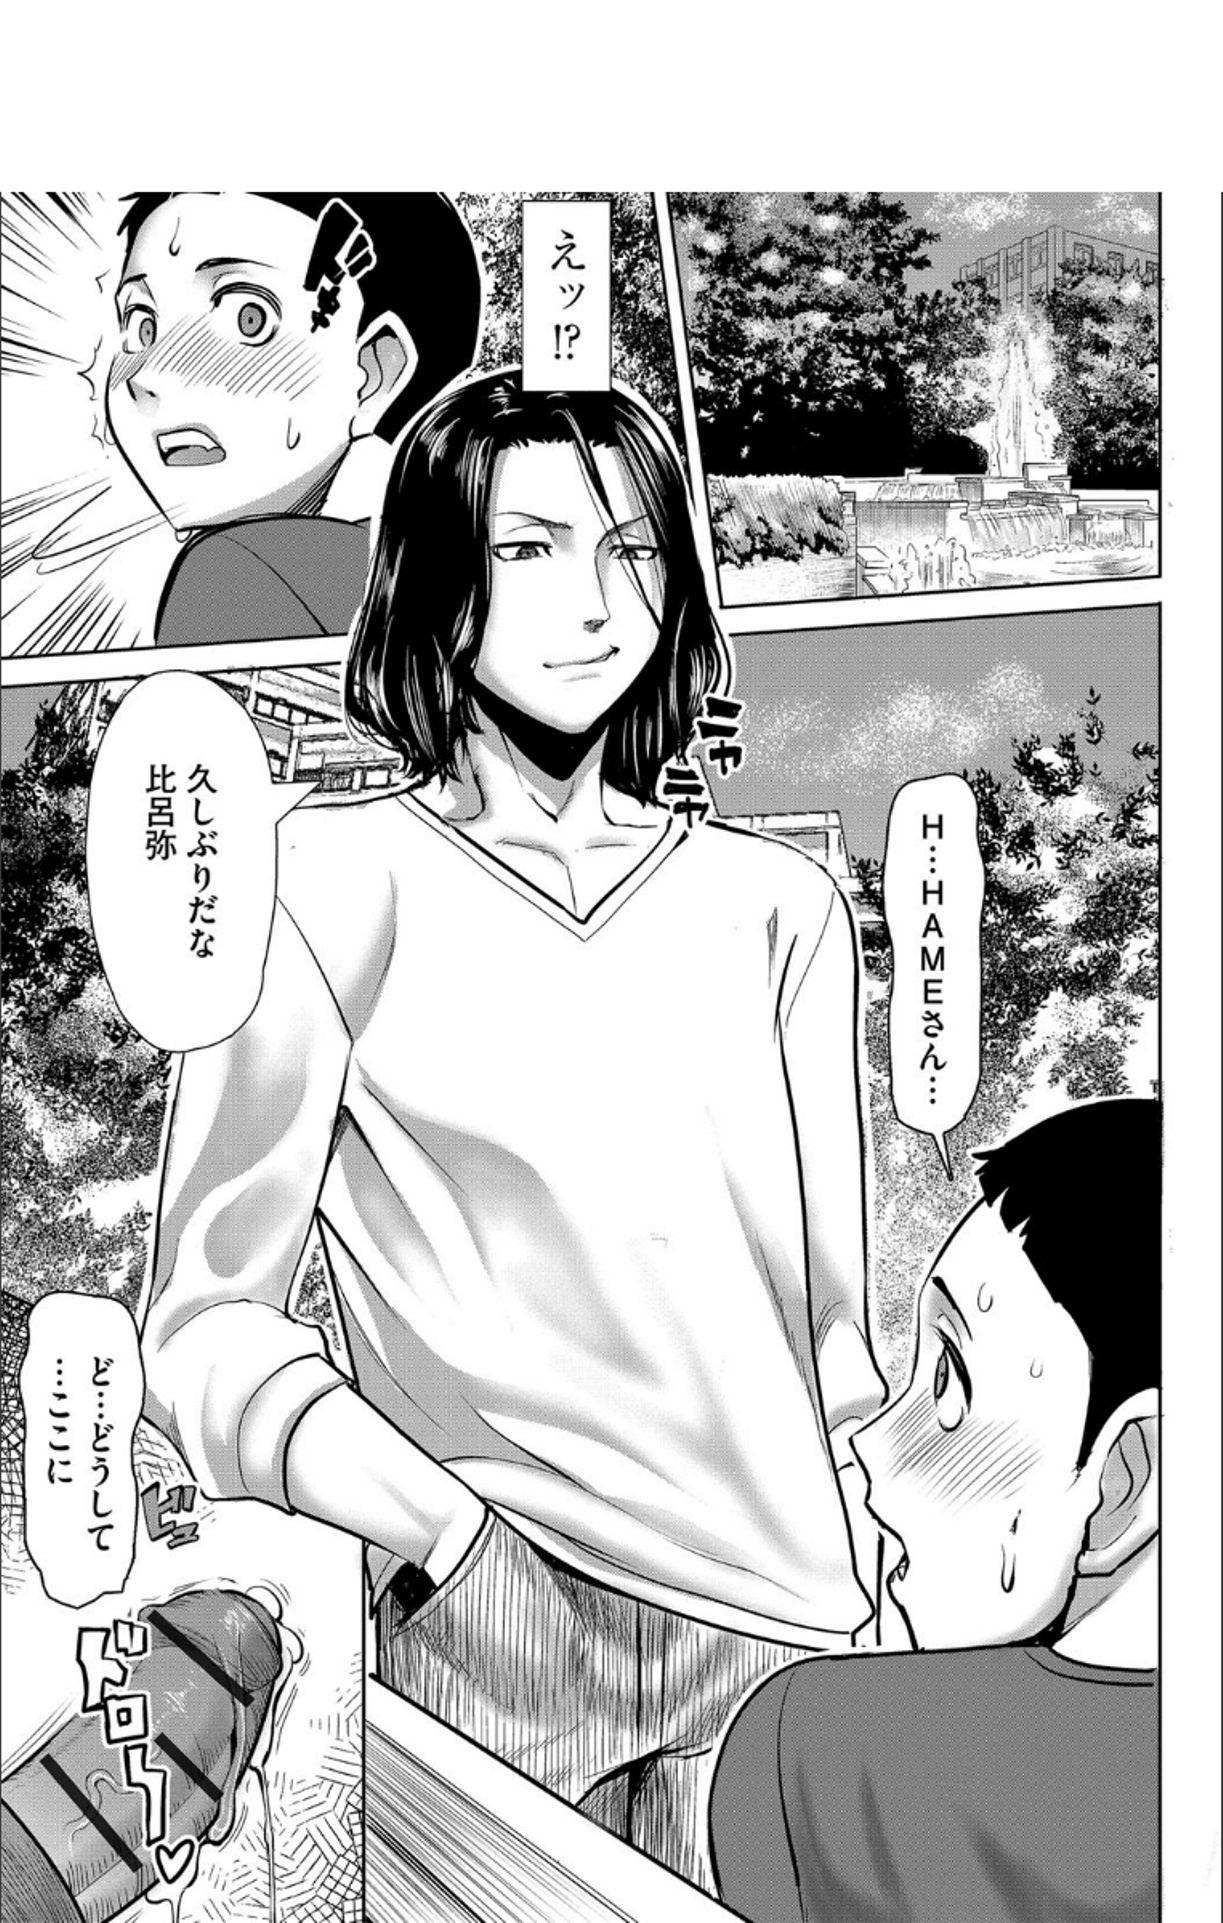 Boku no Kazoku o Sarashimasu + DMM Gentei Tokuten Paper 209